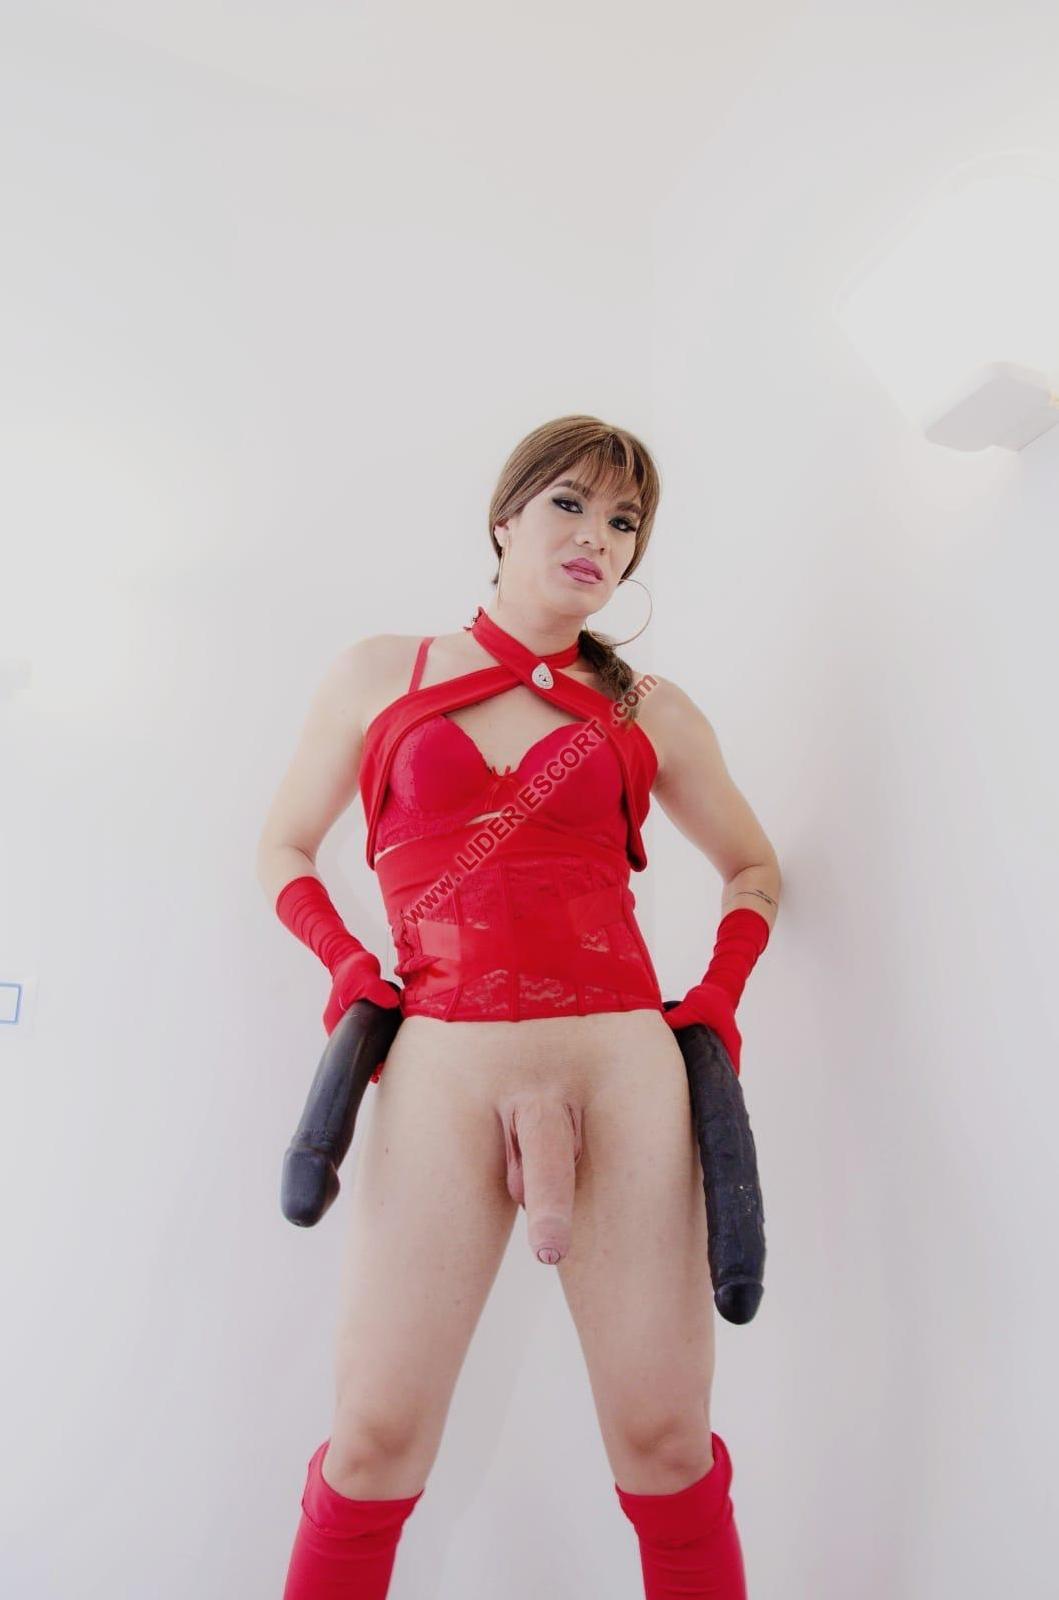 Nueva travesti viciosa cachonda lechera -